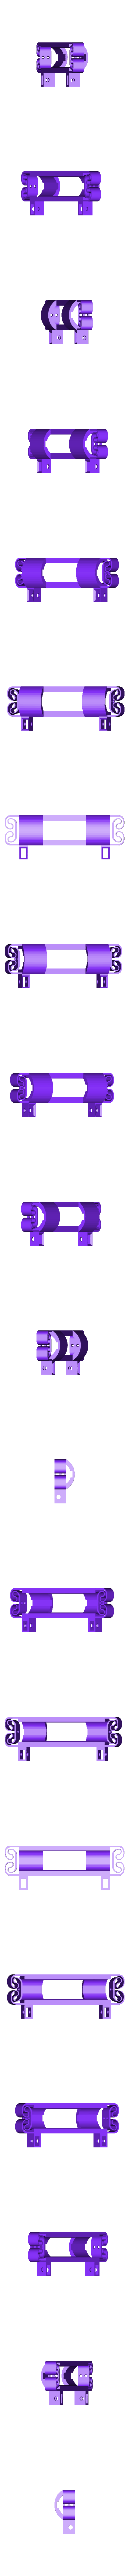 BatteryHolder.stl Télécharger fichier STL gratuit Châssis du robot Walker • Design à imprimer en 3D, SiberK